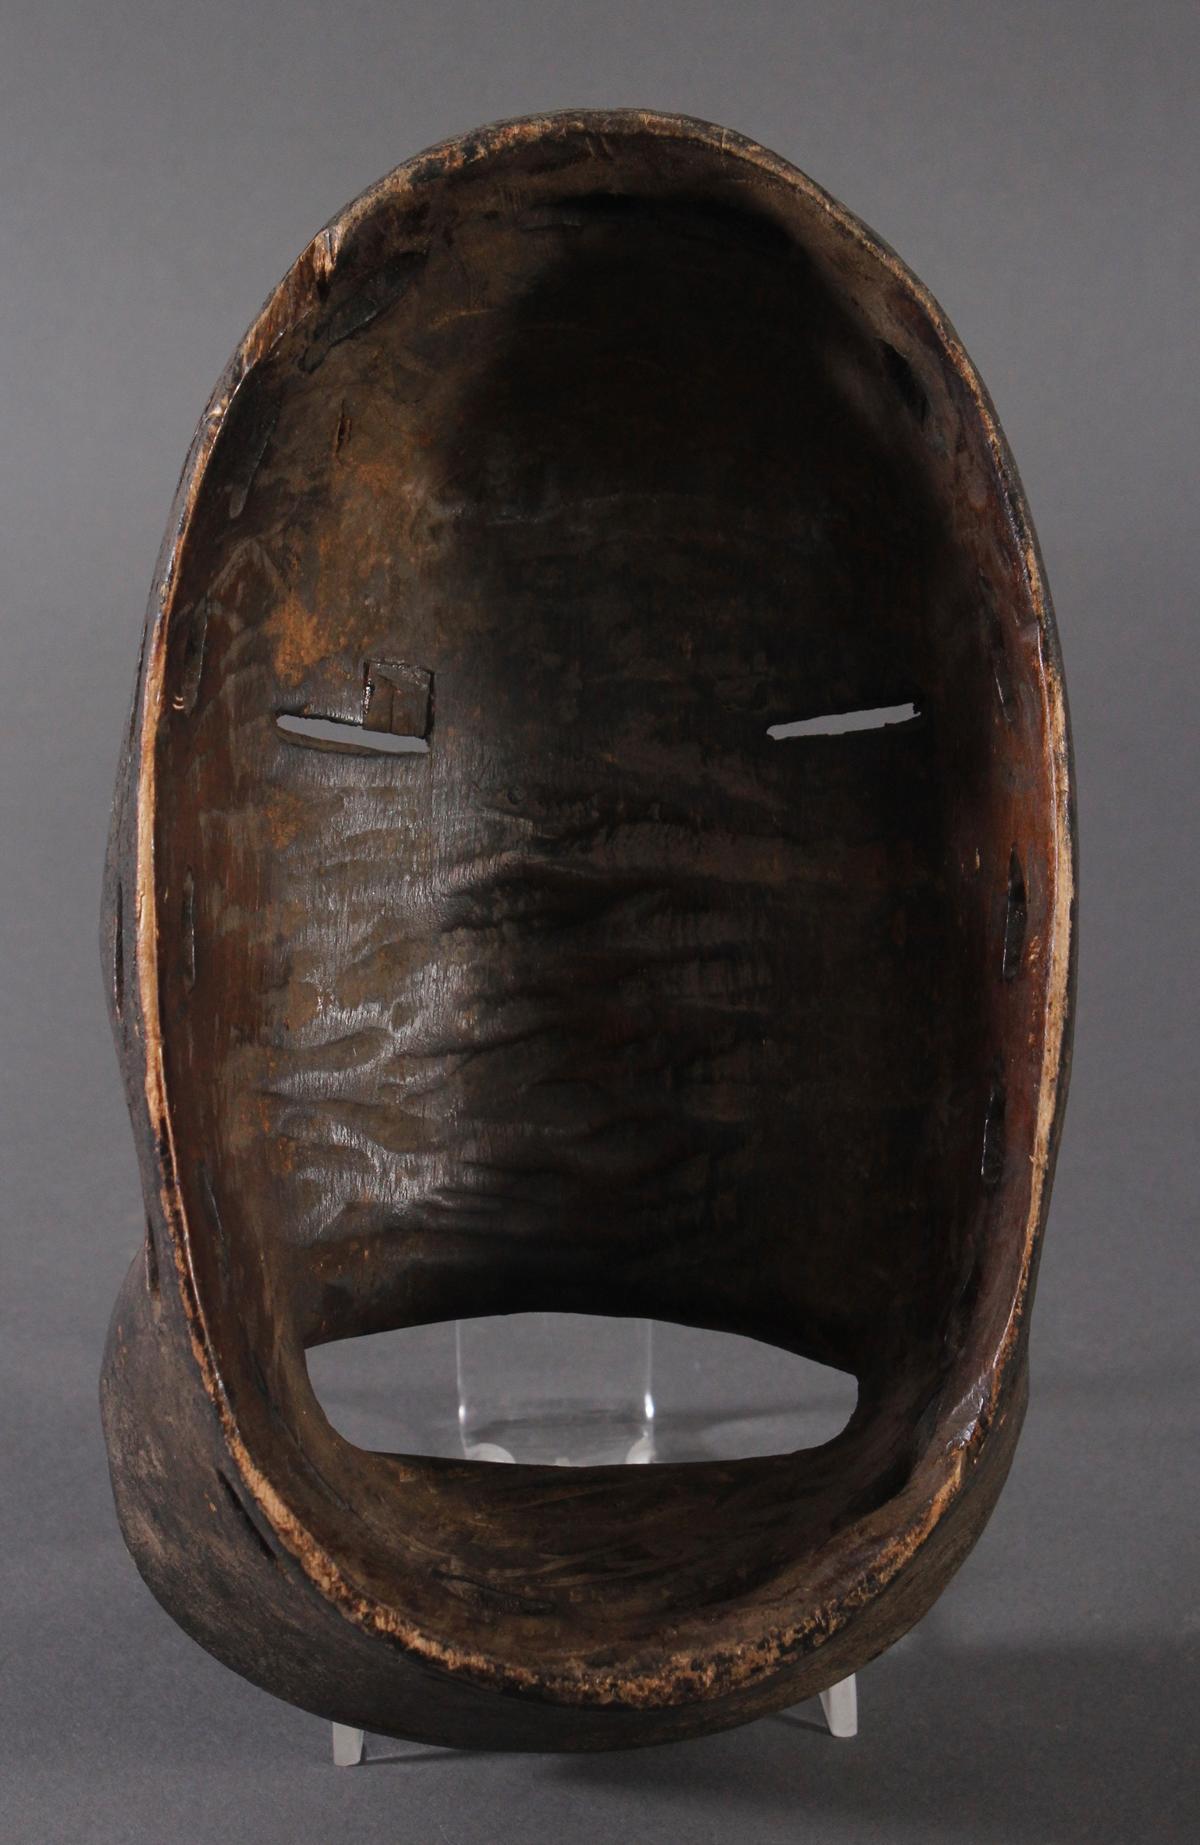 Antike Maske der Dan, Kran, Elfenbeinküste 1. Hälfte 20. Jh.Holz geschnitzt, dunkle Patina, weiße - Bild 4 aus 4